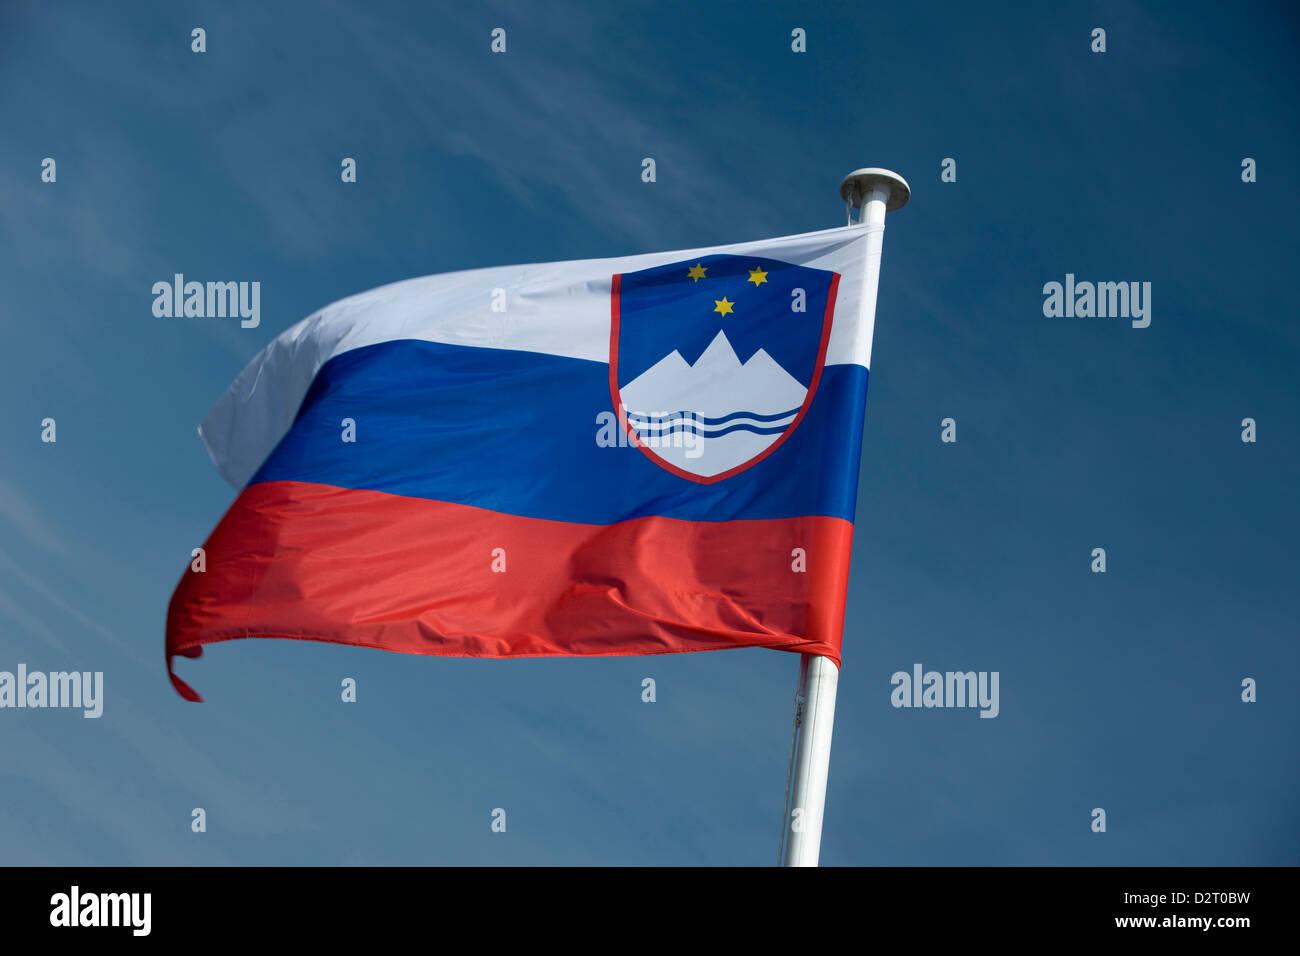 SLOVENIA FLAG FLYING ON FLAGPOLE - Stock Image